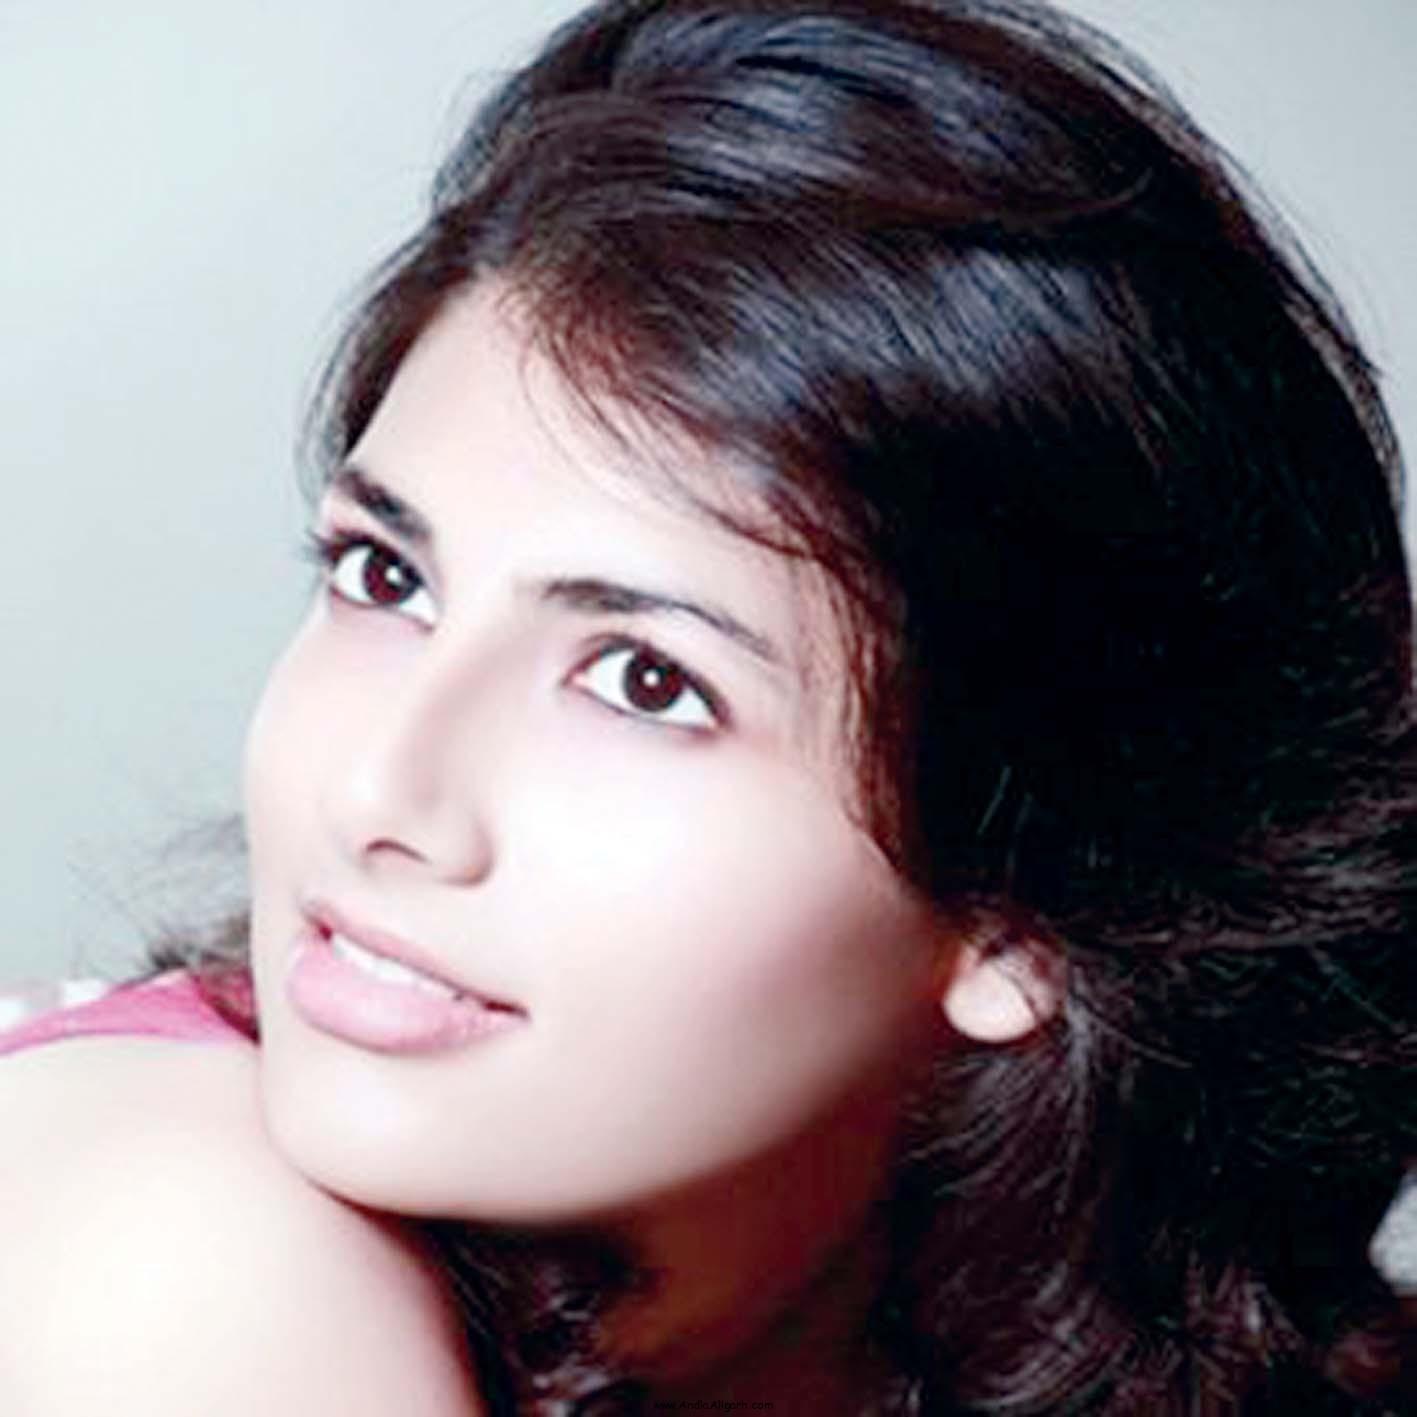 vanya mishra miss world 2012 download4u